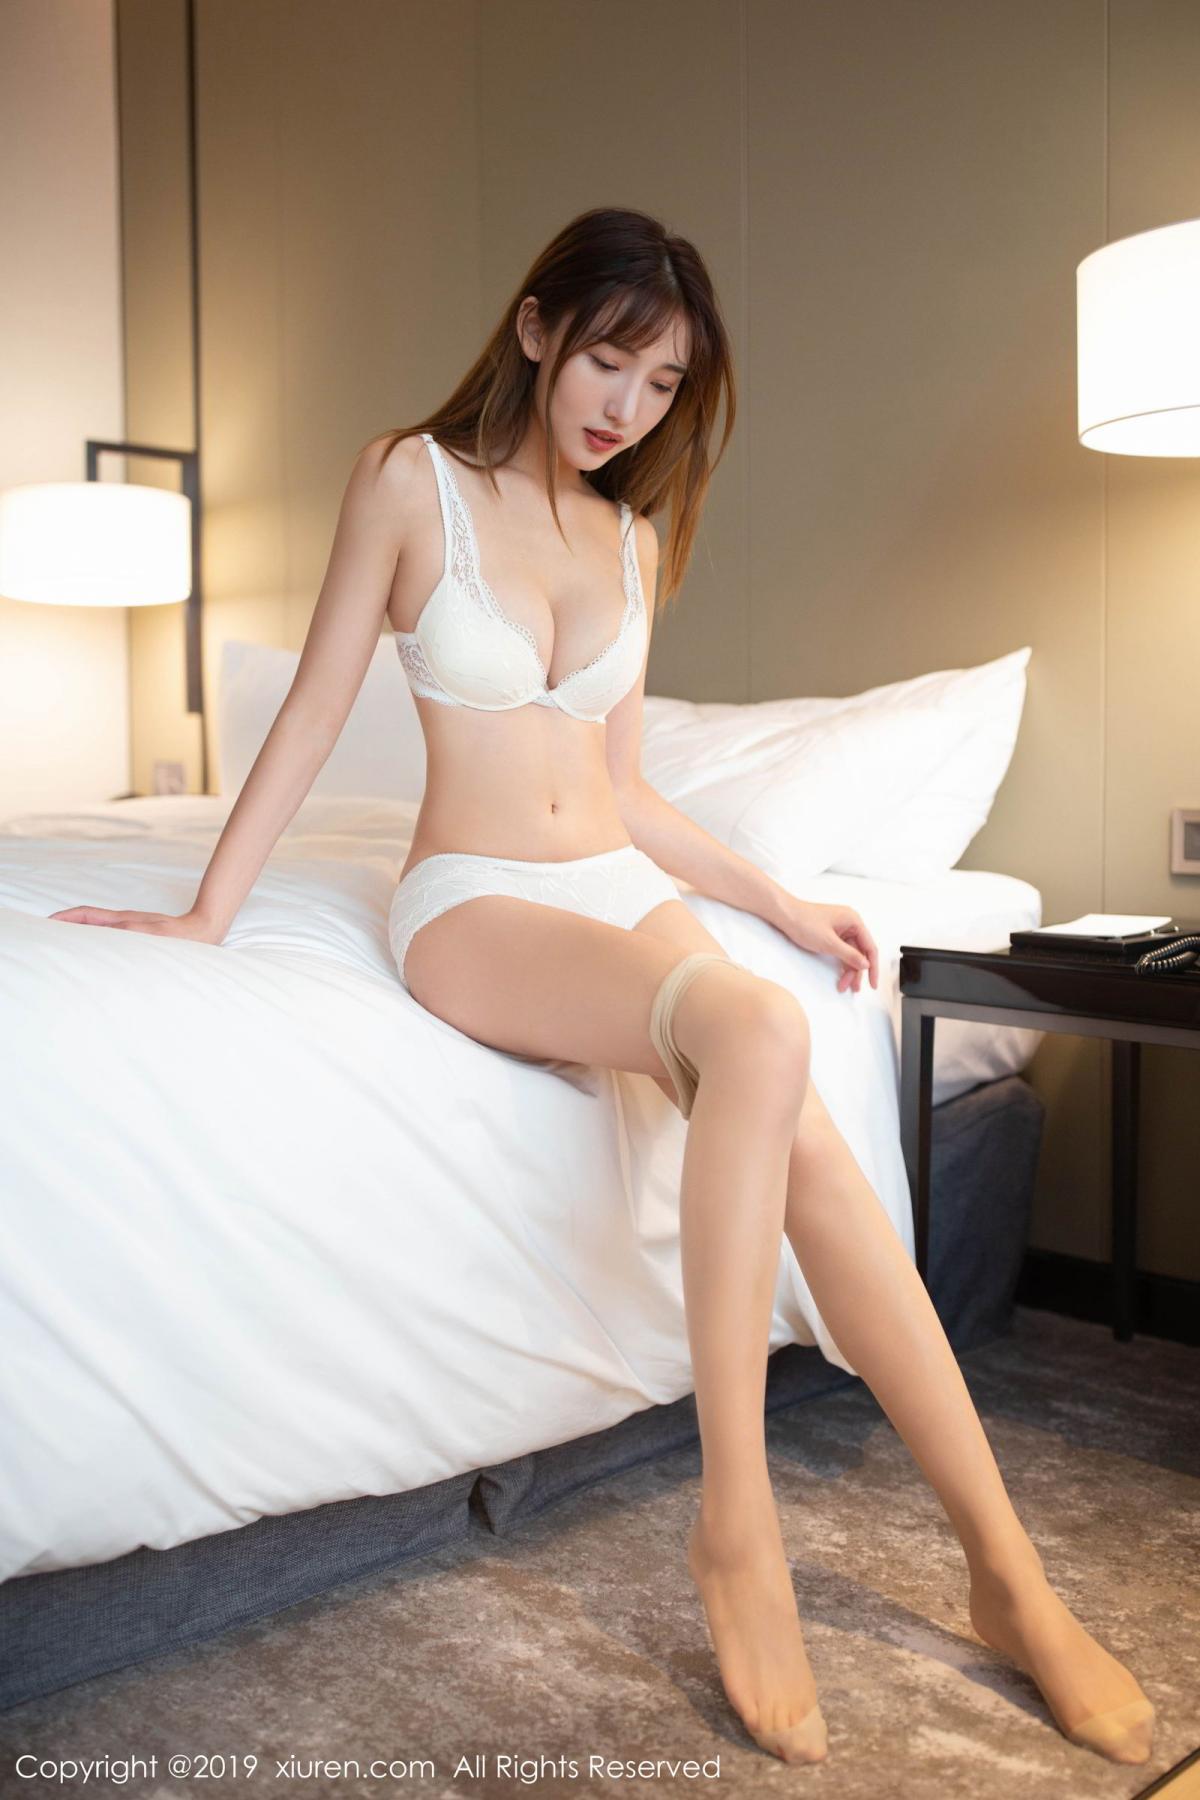 [XiuRen] Vol.1657 Lu Xuan Xuan 47P, Lu Xuan Xuan, Tall, Temperament, Underwear, Xiuren